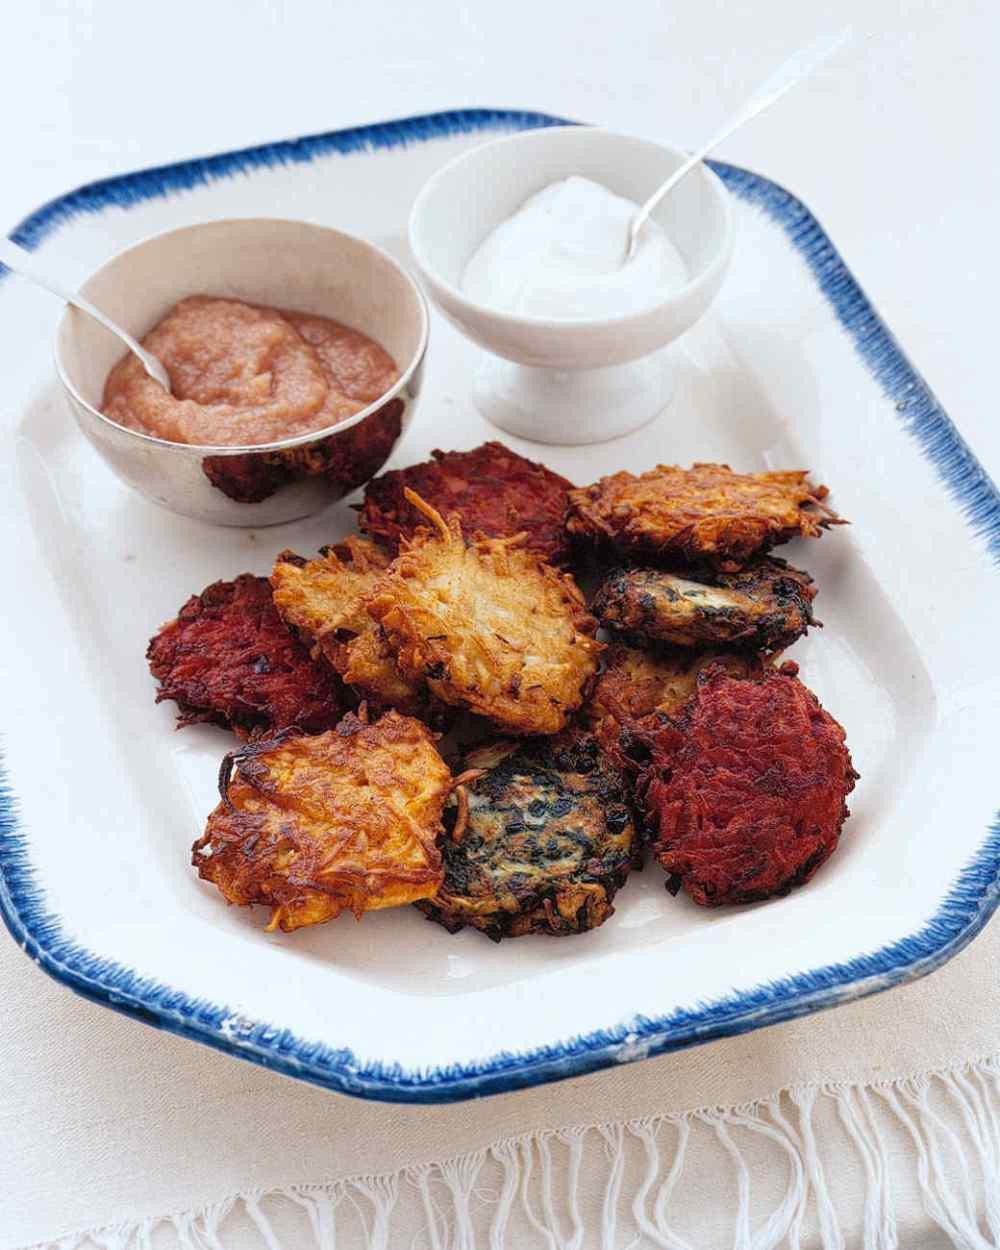 thanksgiving-leftovers-on-platter-a99559_vert